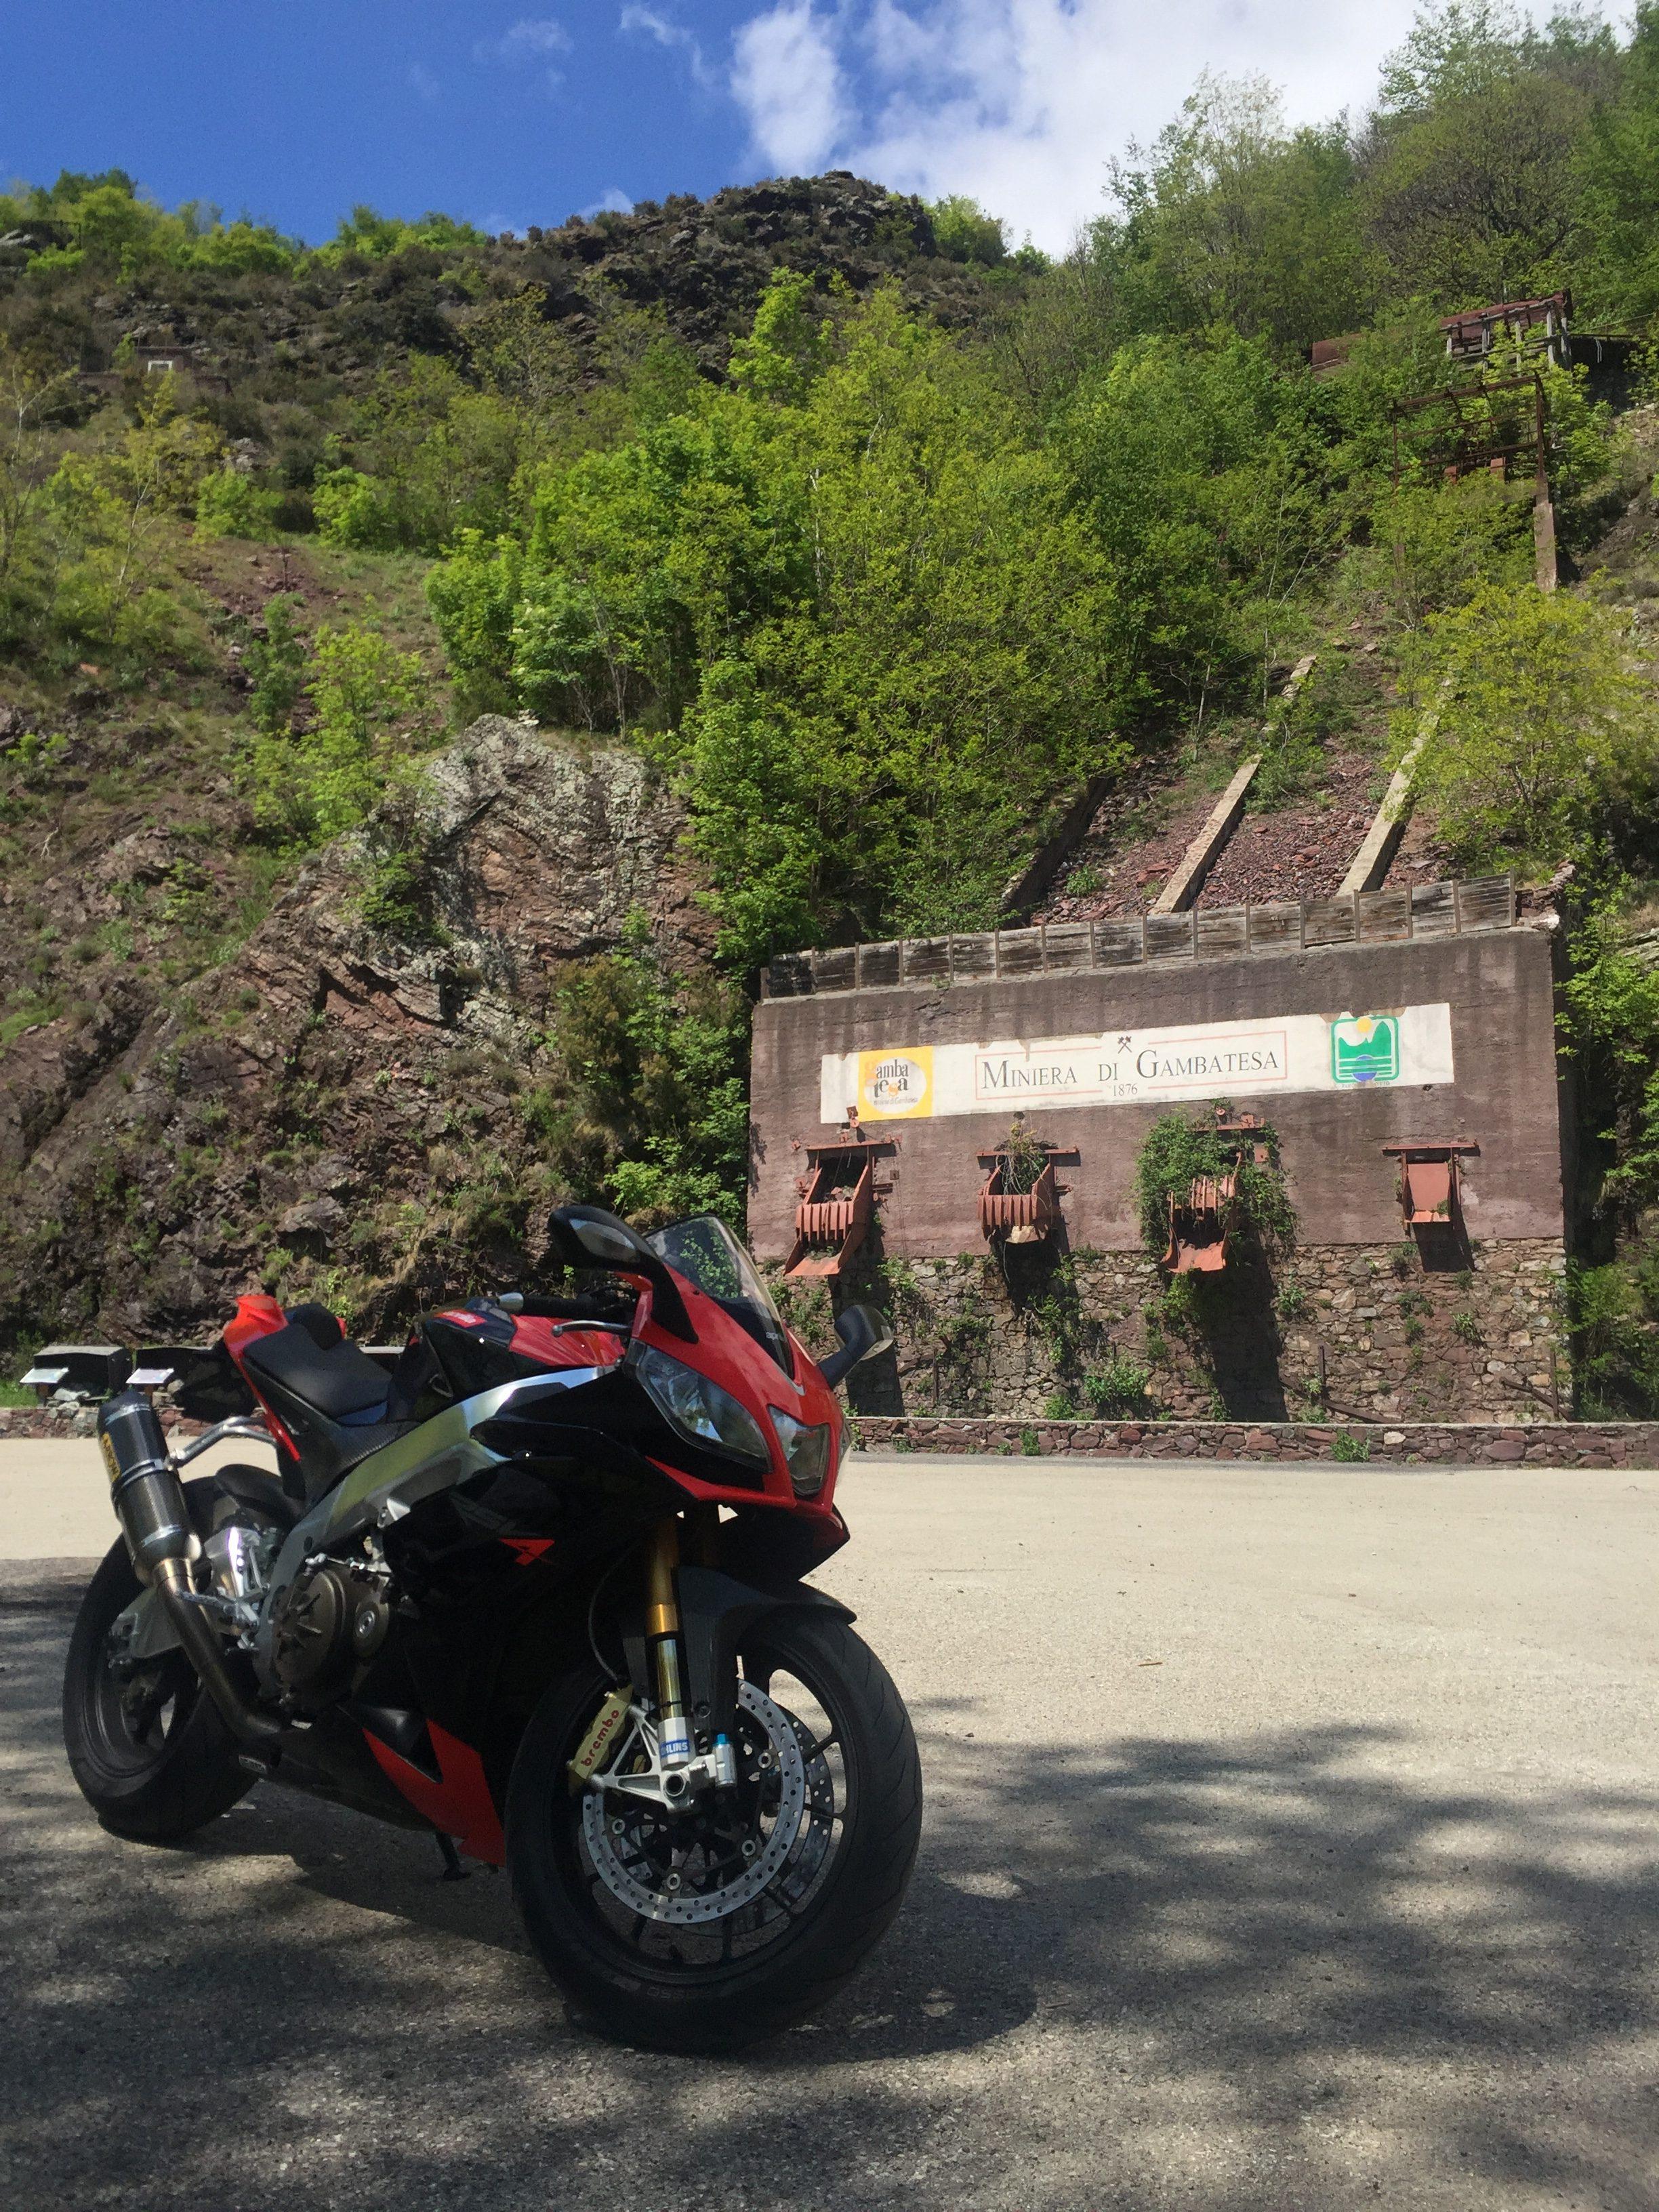 italiainpiega-motoenonsolomoto-4 passi appenninici-miniera di gambatesa 1